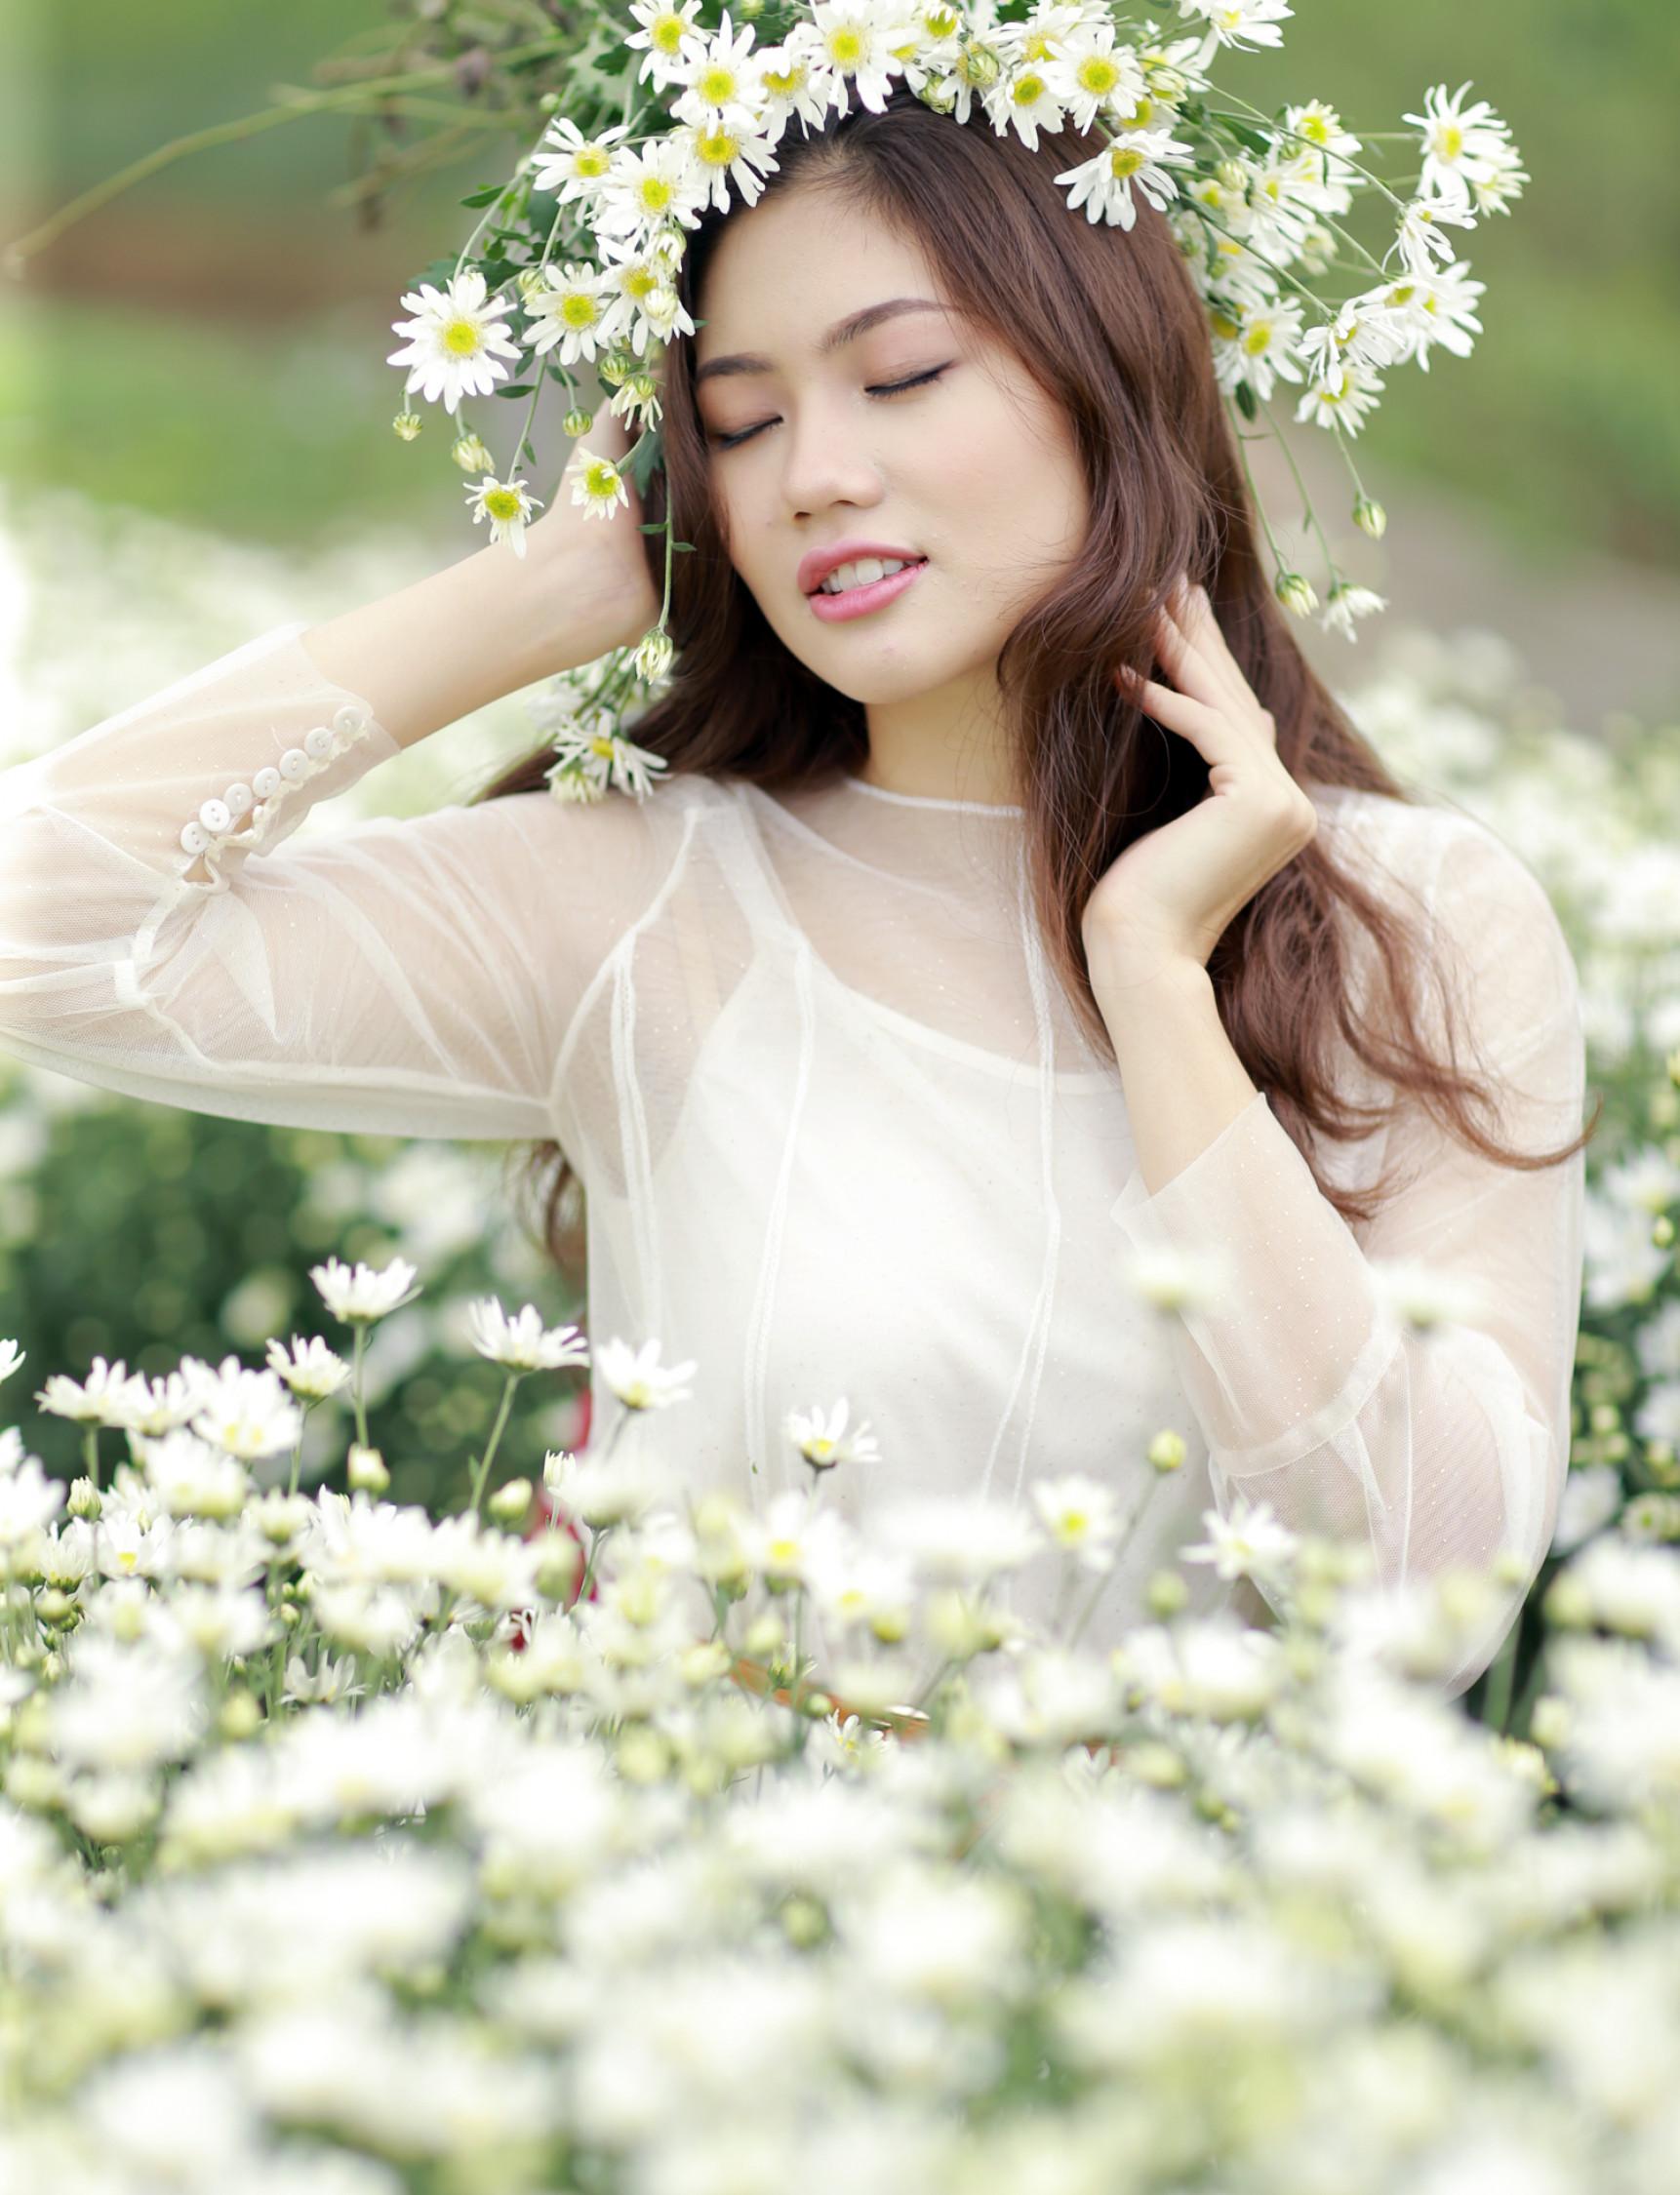 Người đẹp đất cảng Hải Phòng mơ màng giữa vườn cúc họa mi Hà Nội.